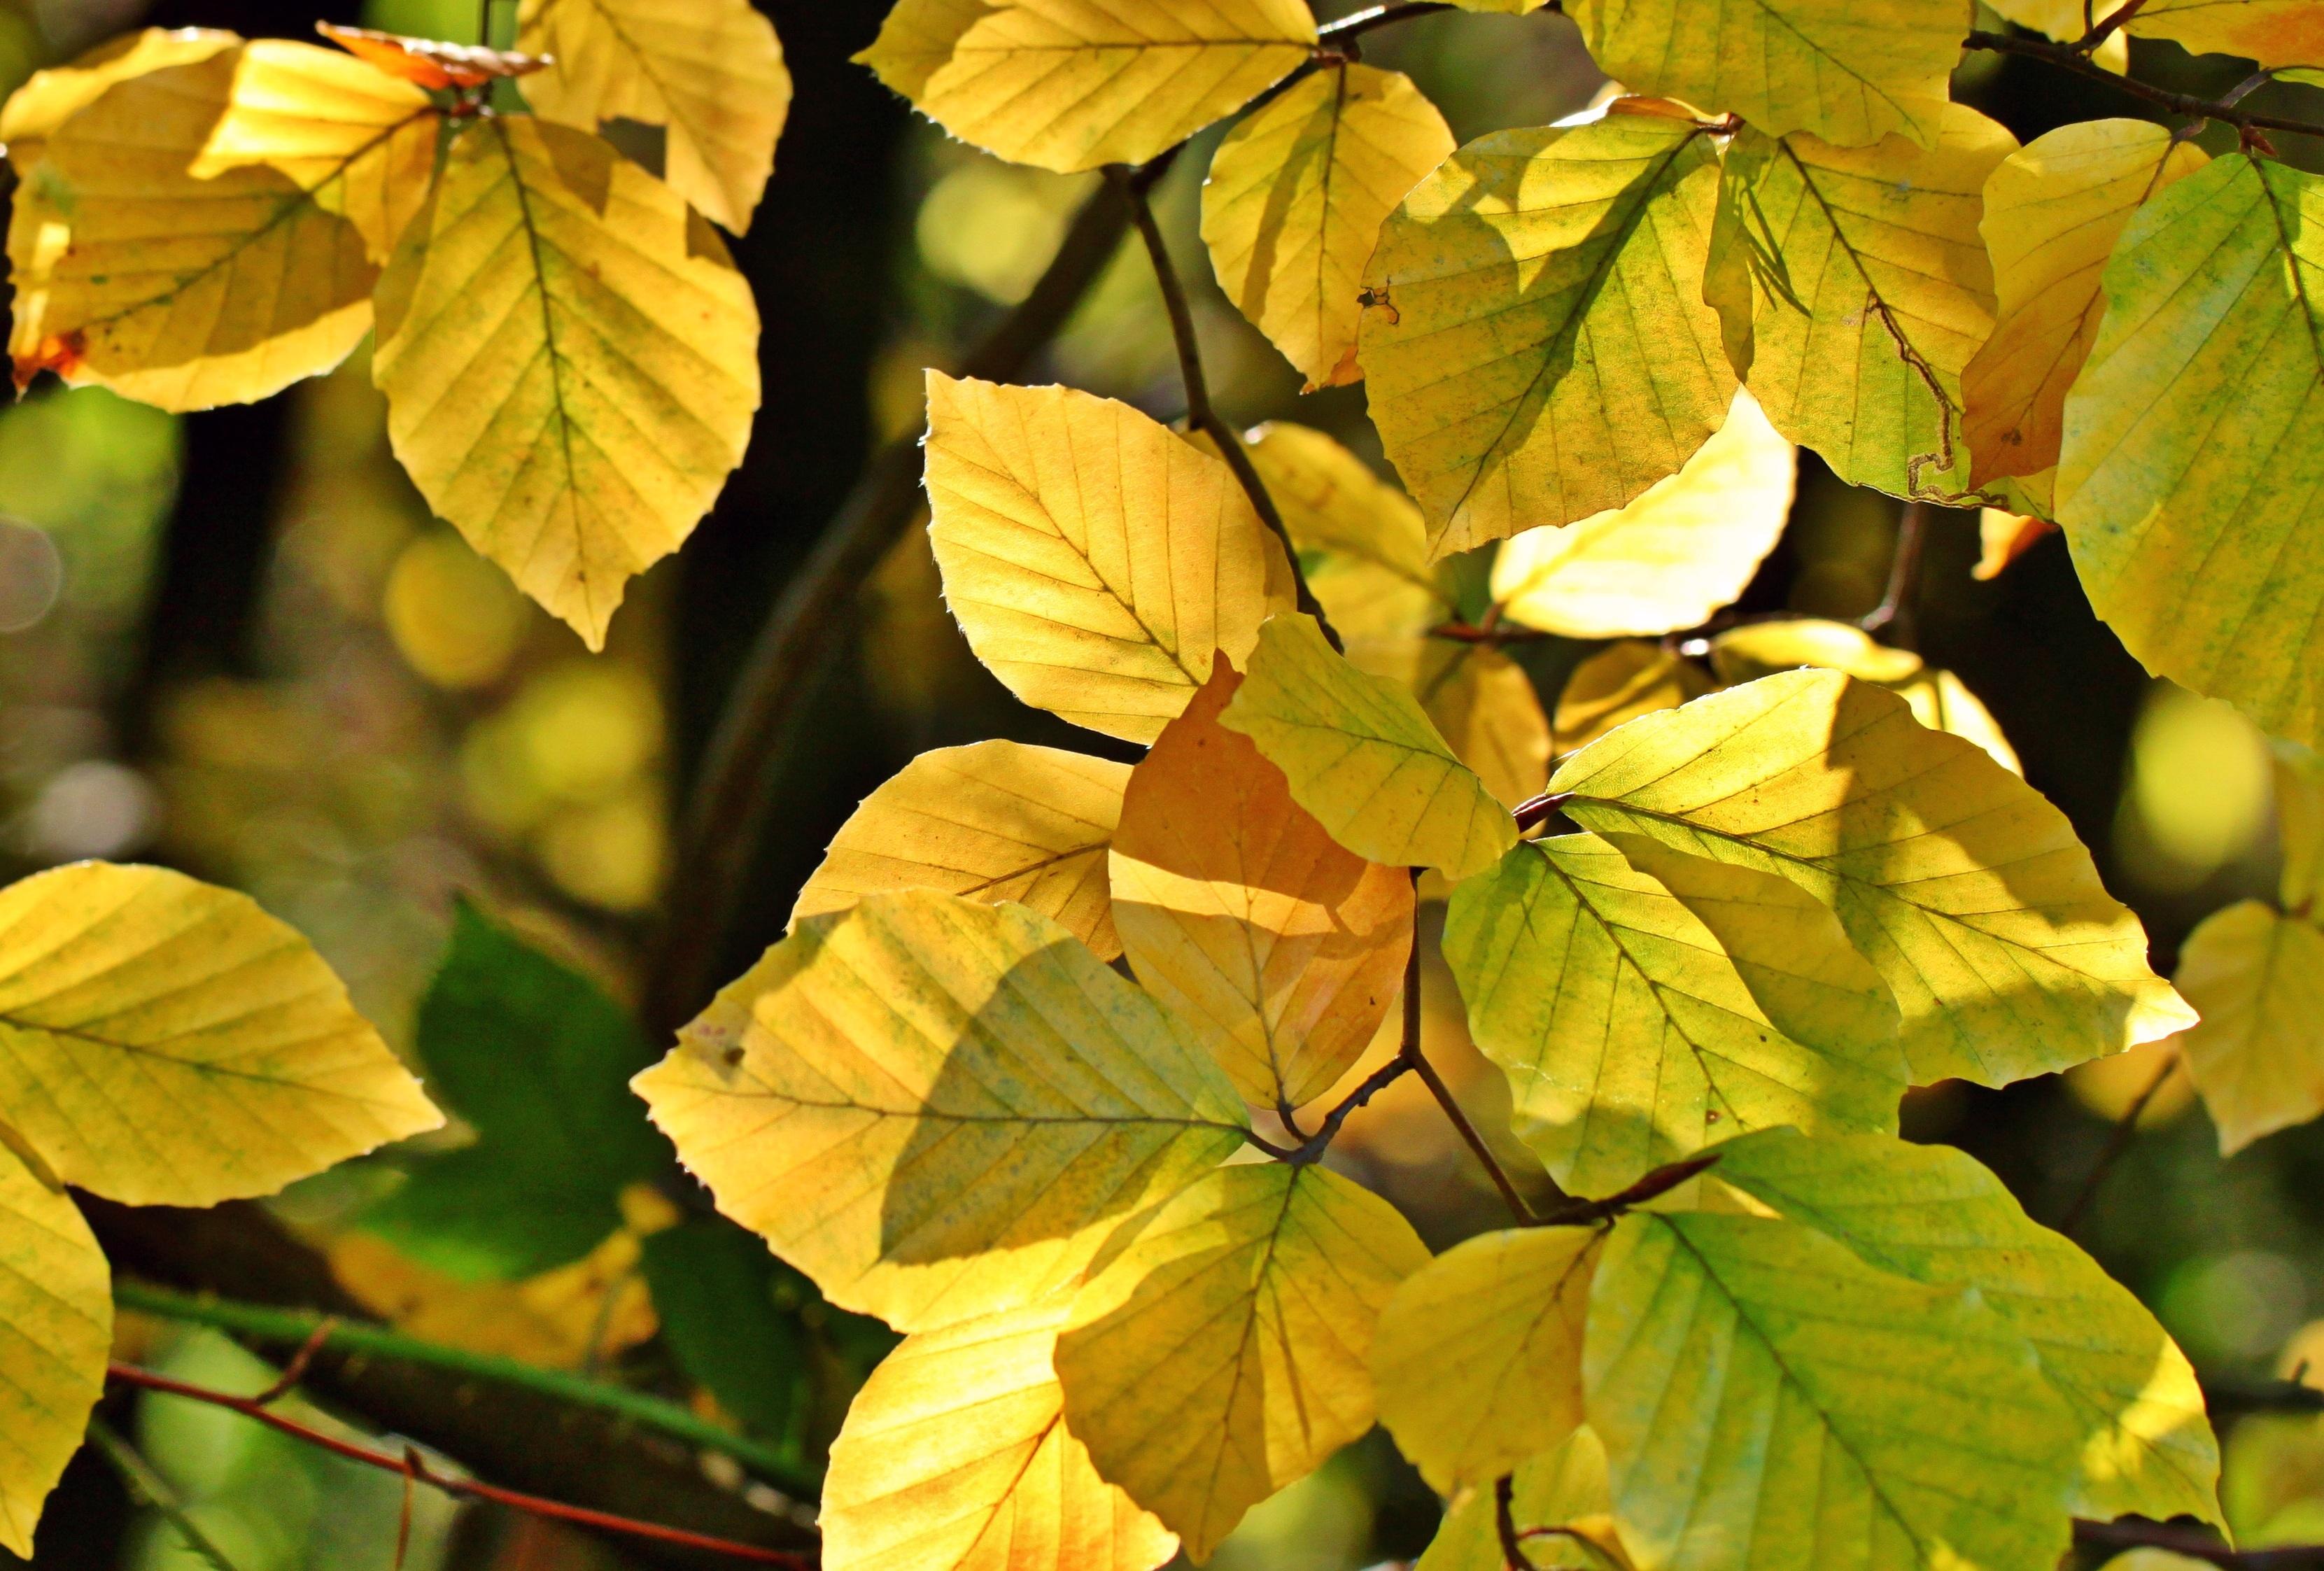 Fotoğraf Ağaç Doğa şube Güneş ışığı çiçek Yeşil Botanik